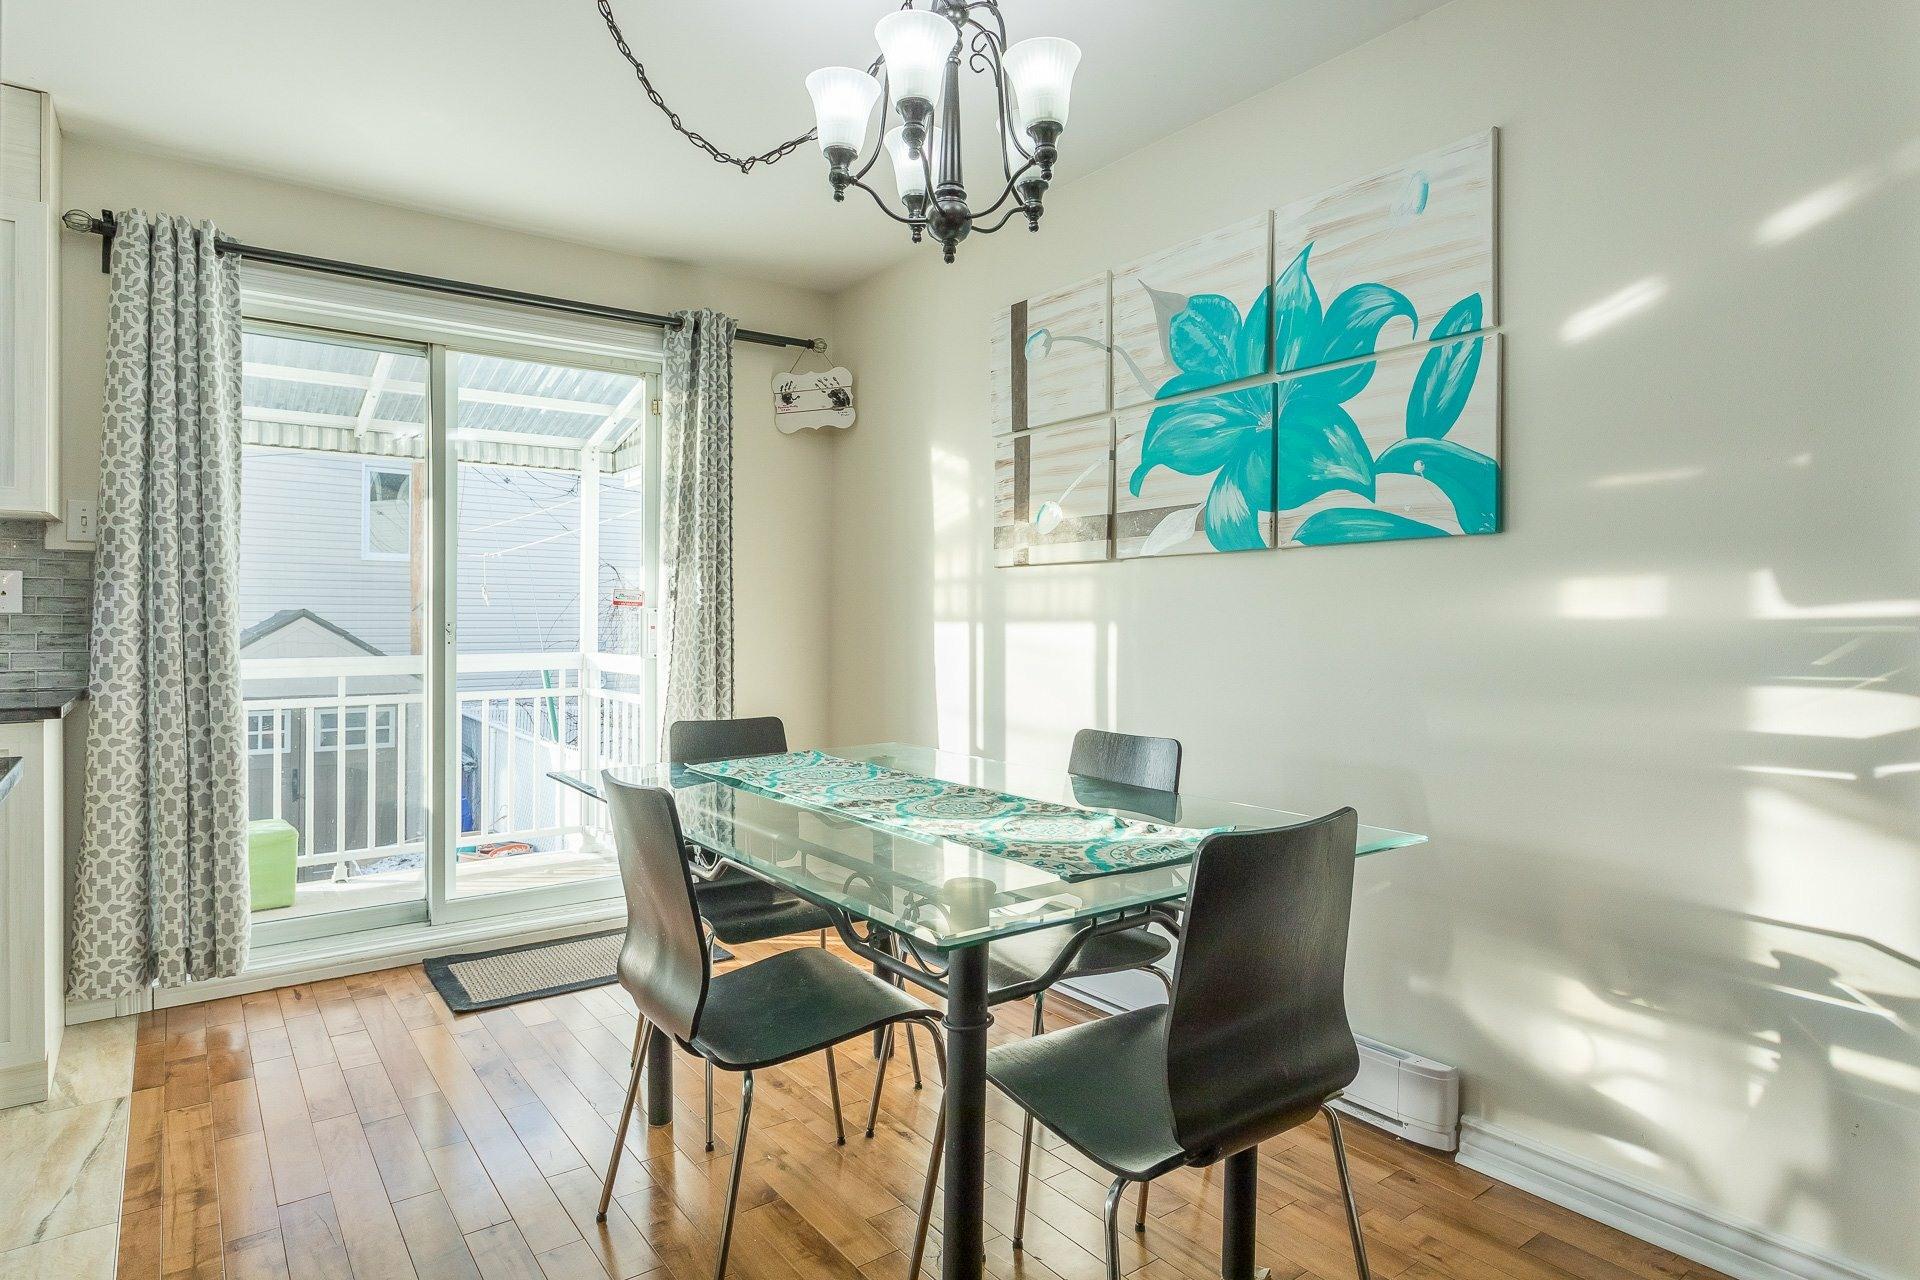 image 8 - House For sale Rivière-des-Prairies/Pointe-aux-Trembles Montréal  - 9 rooms